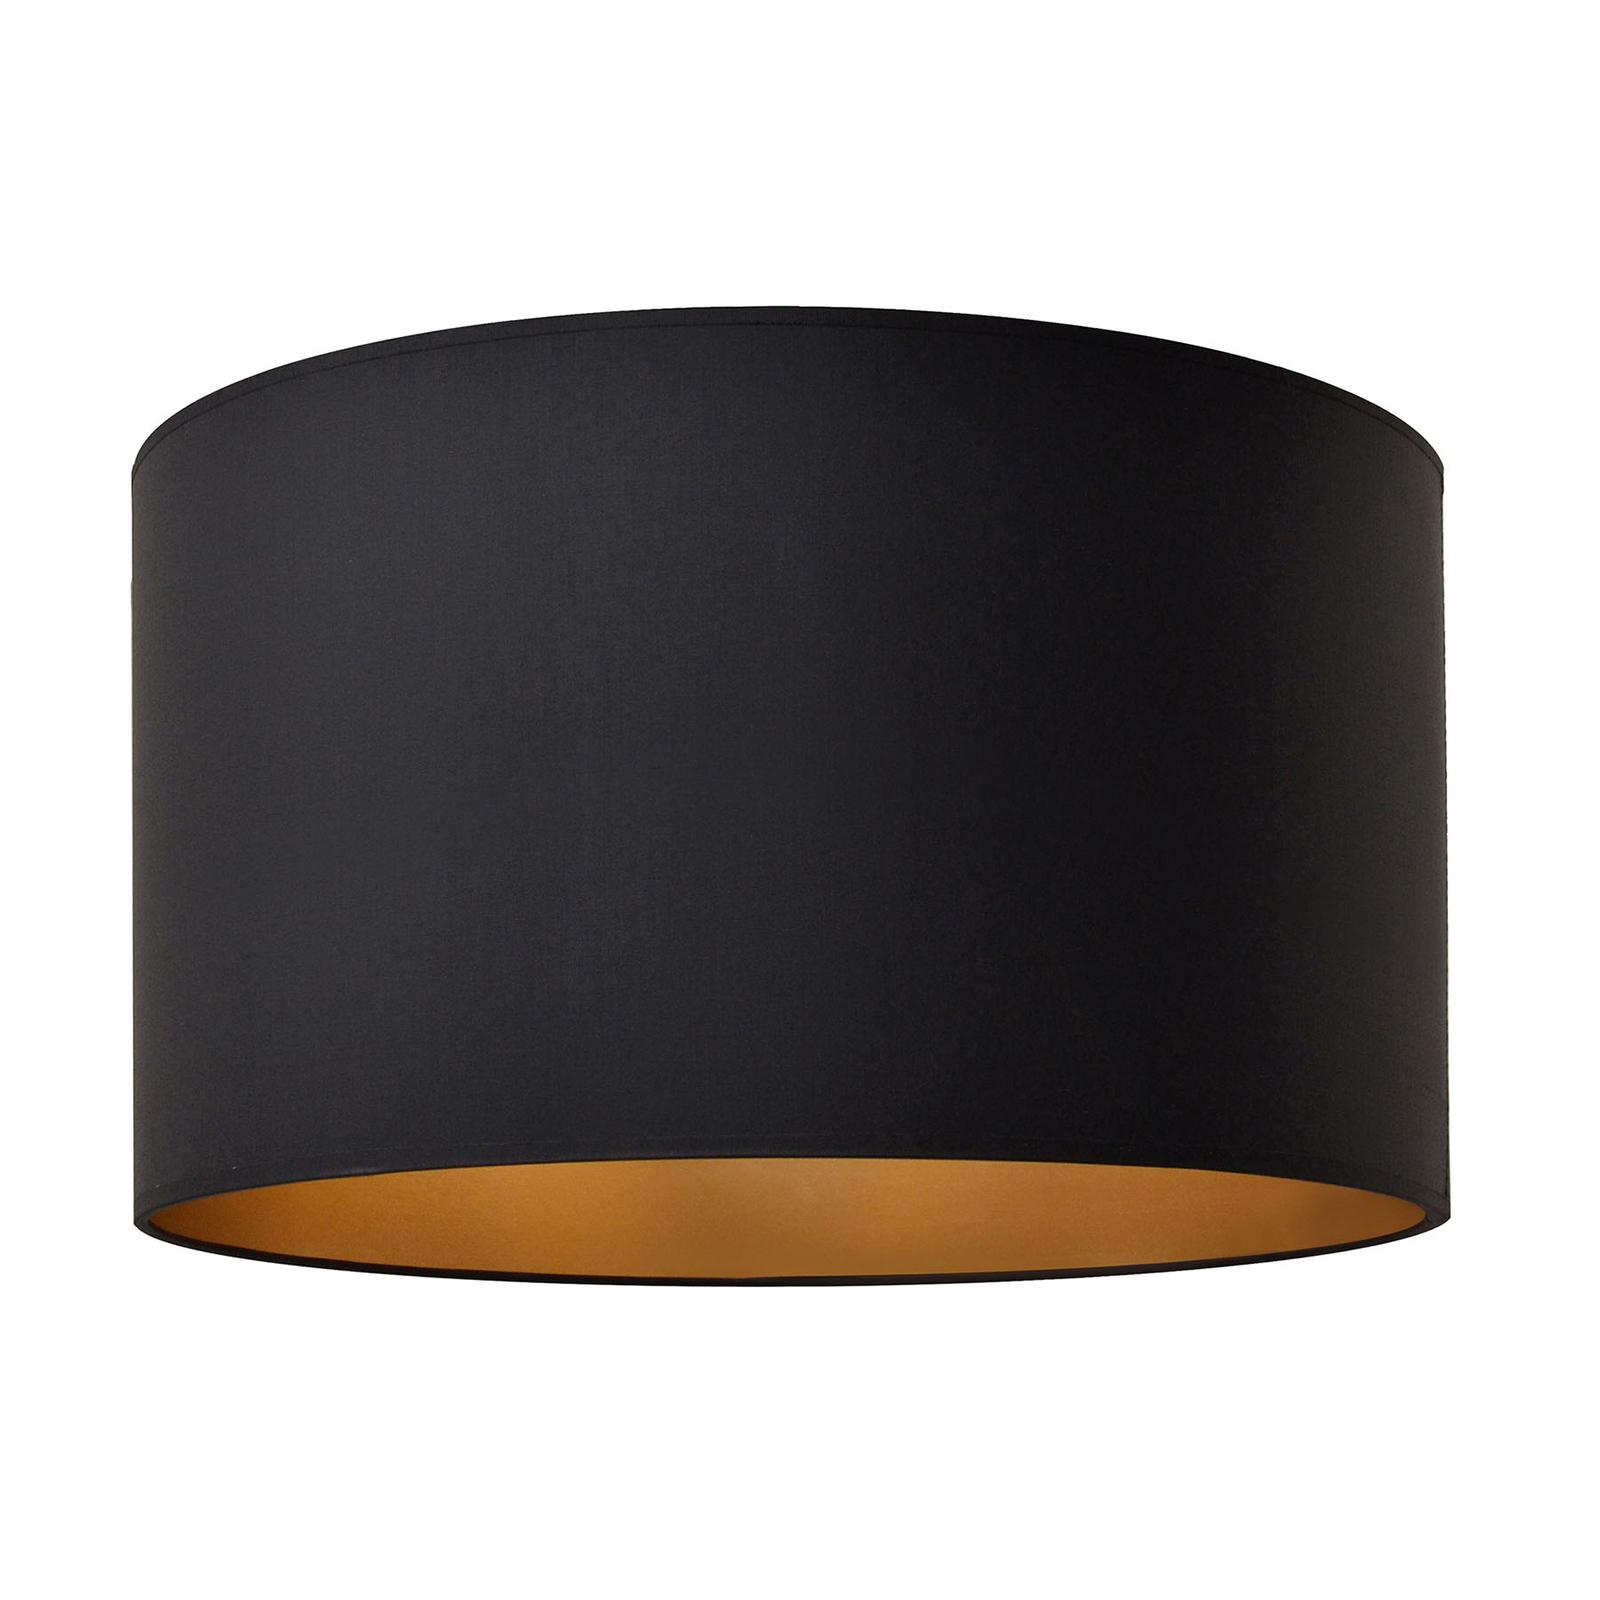 Lampeskjerm Alba, Ø 45 cm, E27, svart/gull